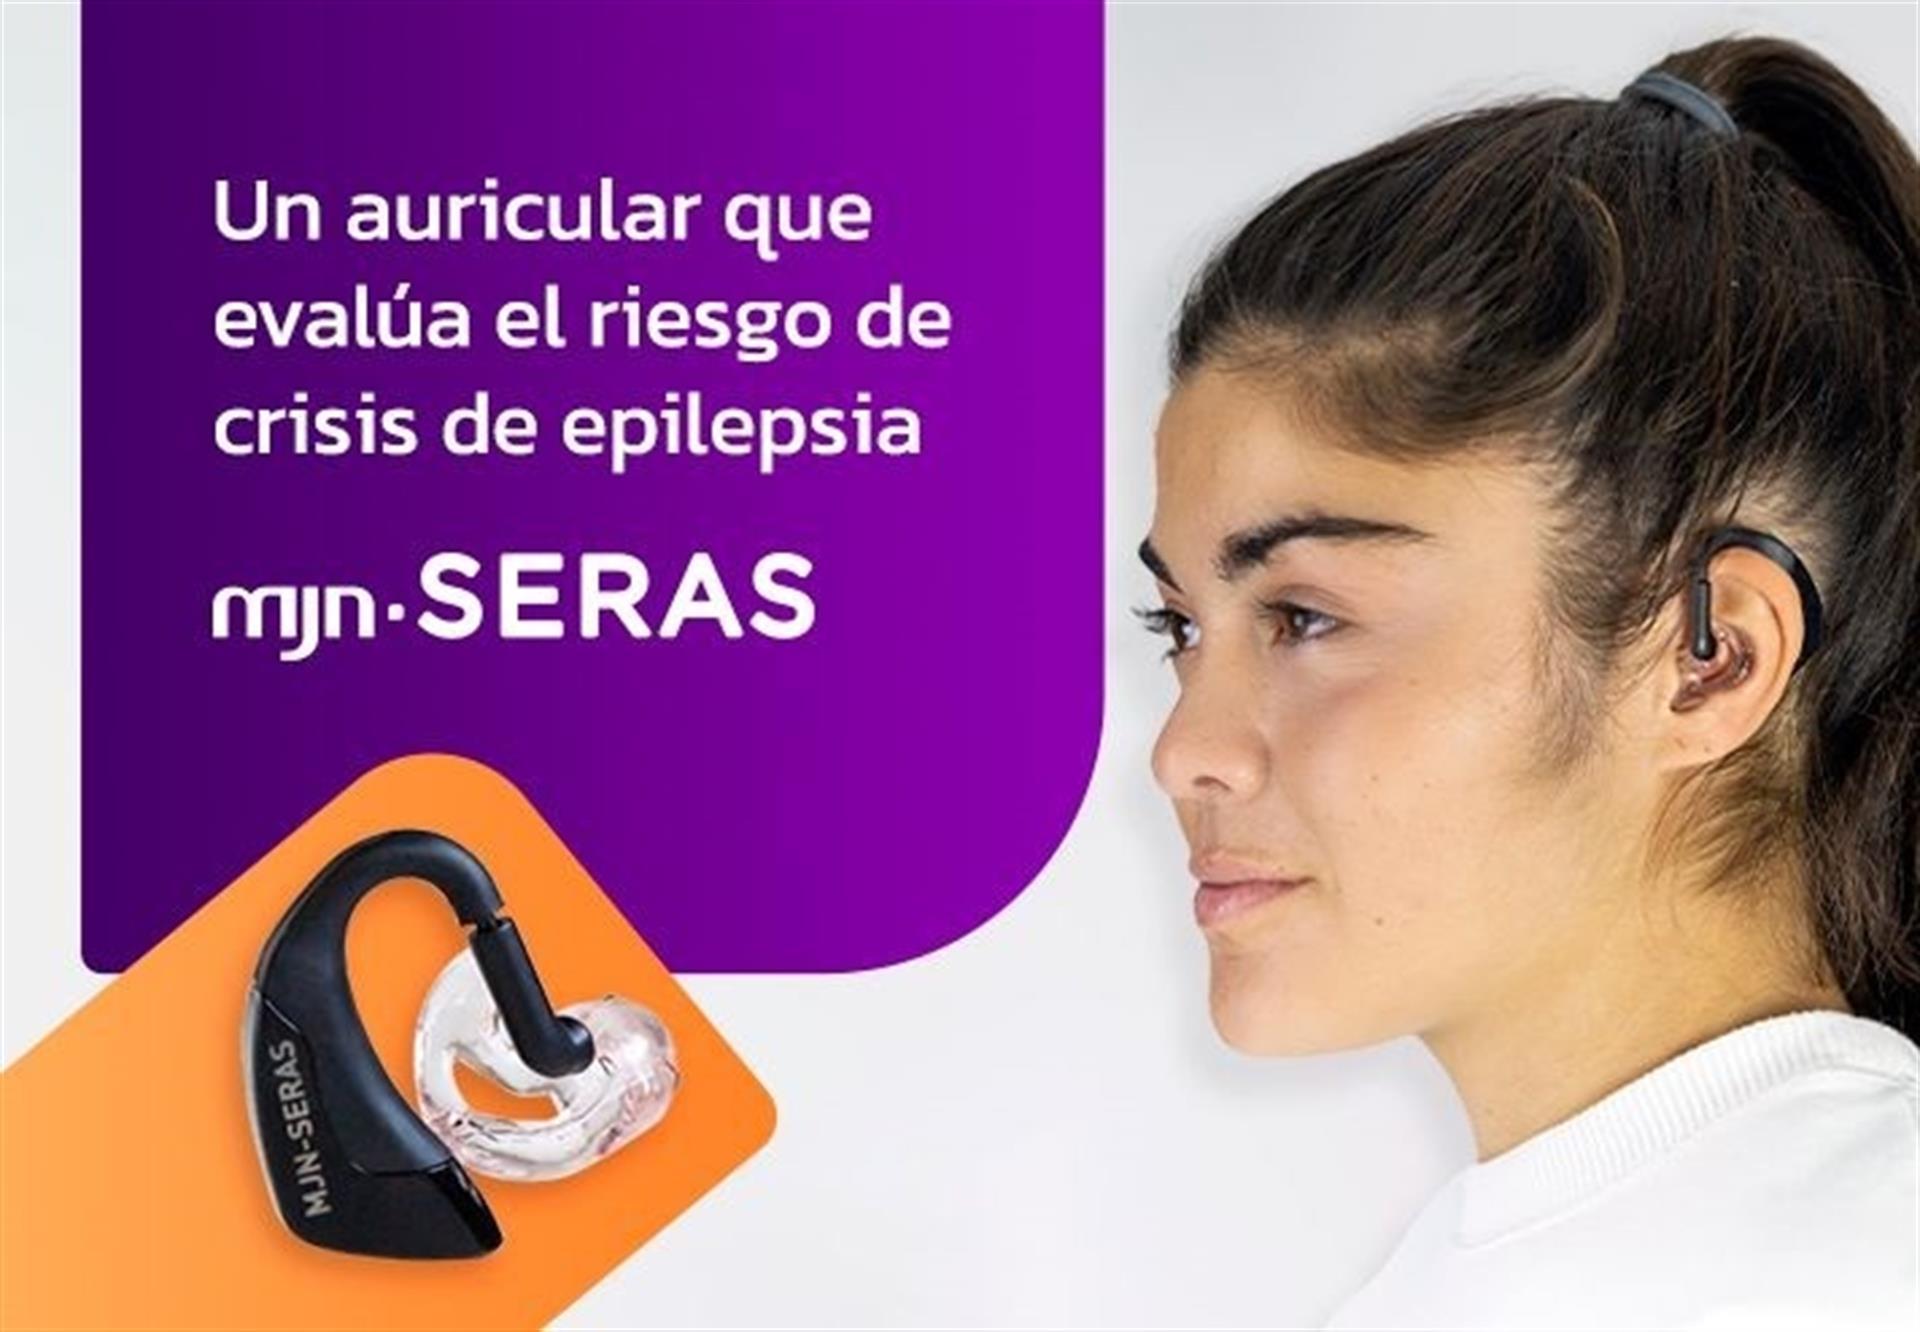 Un auricular que evalúa el riesgo de crisis de epilepsia.